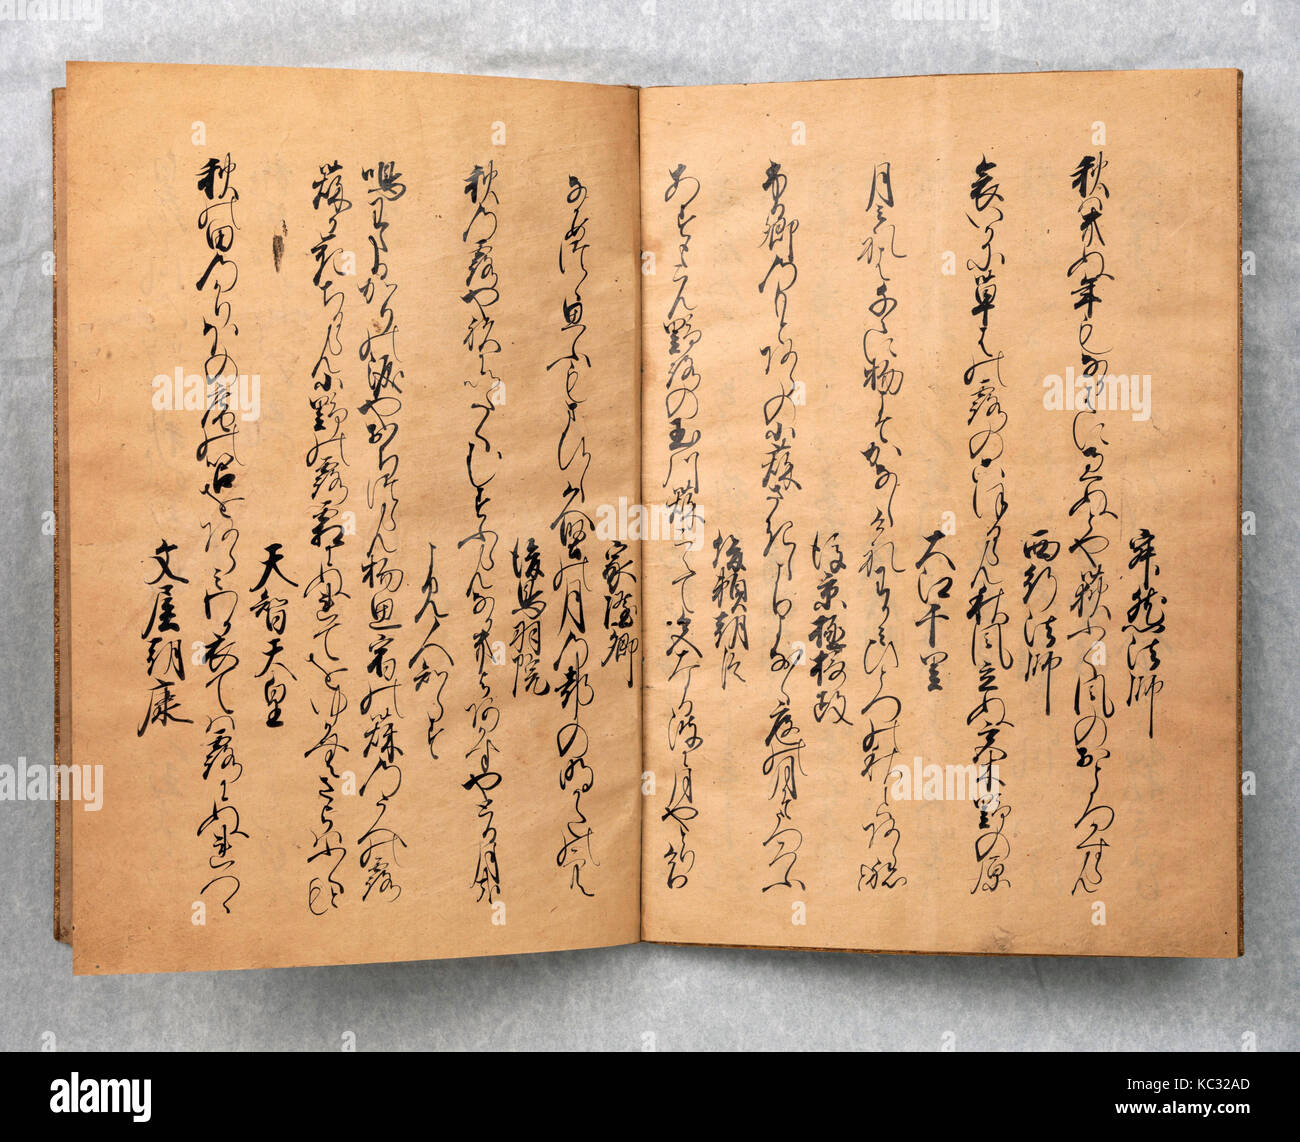 """詠歌大概, Manuscript Version of """"Fundamentals of Poetic Composition"""" (Eiga taigai), compiled by Fujiwara no Teika (1162–1241), - Stock Image"""